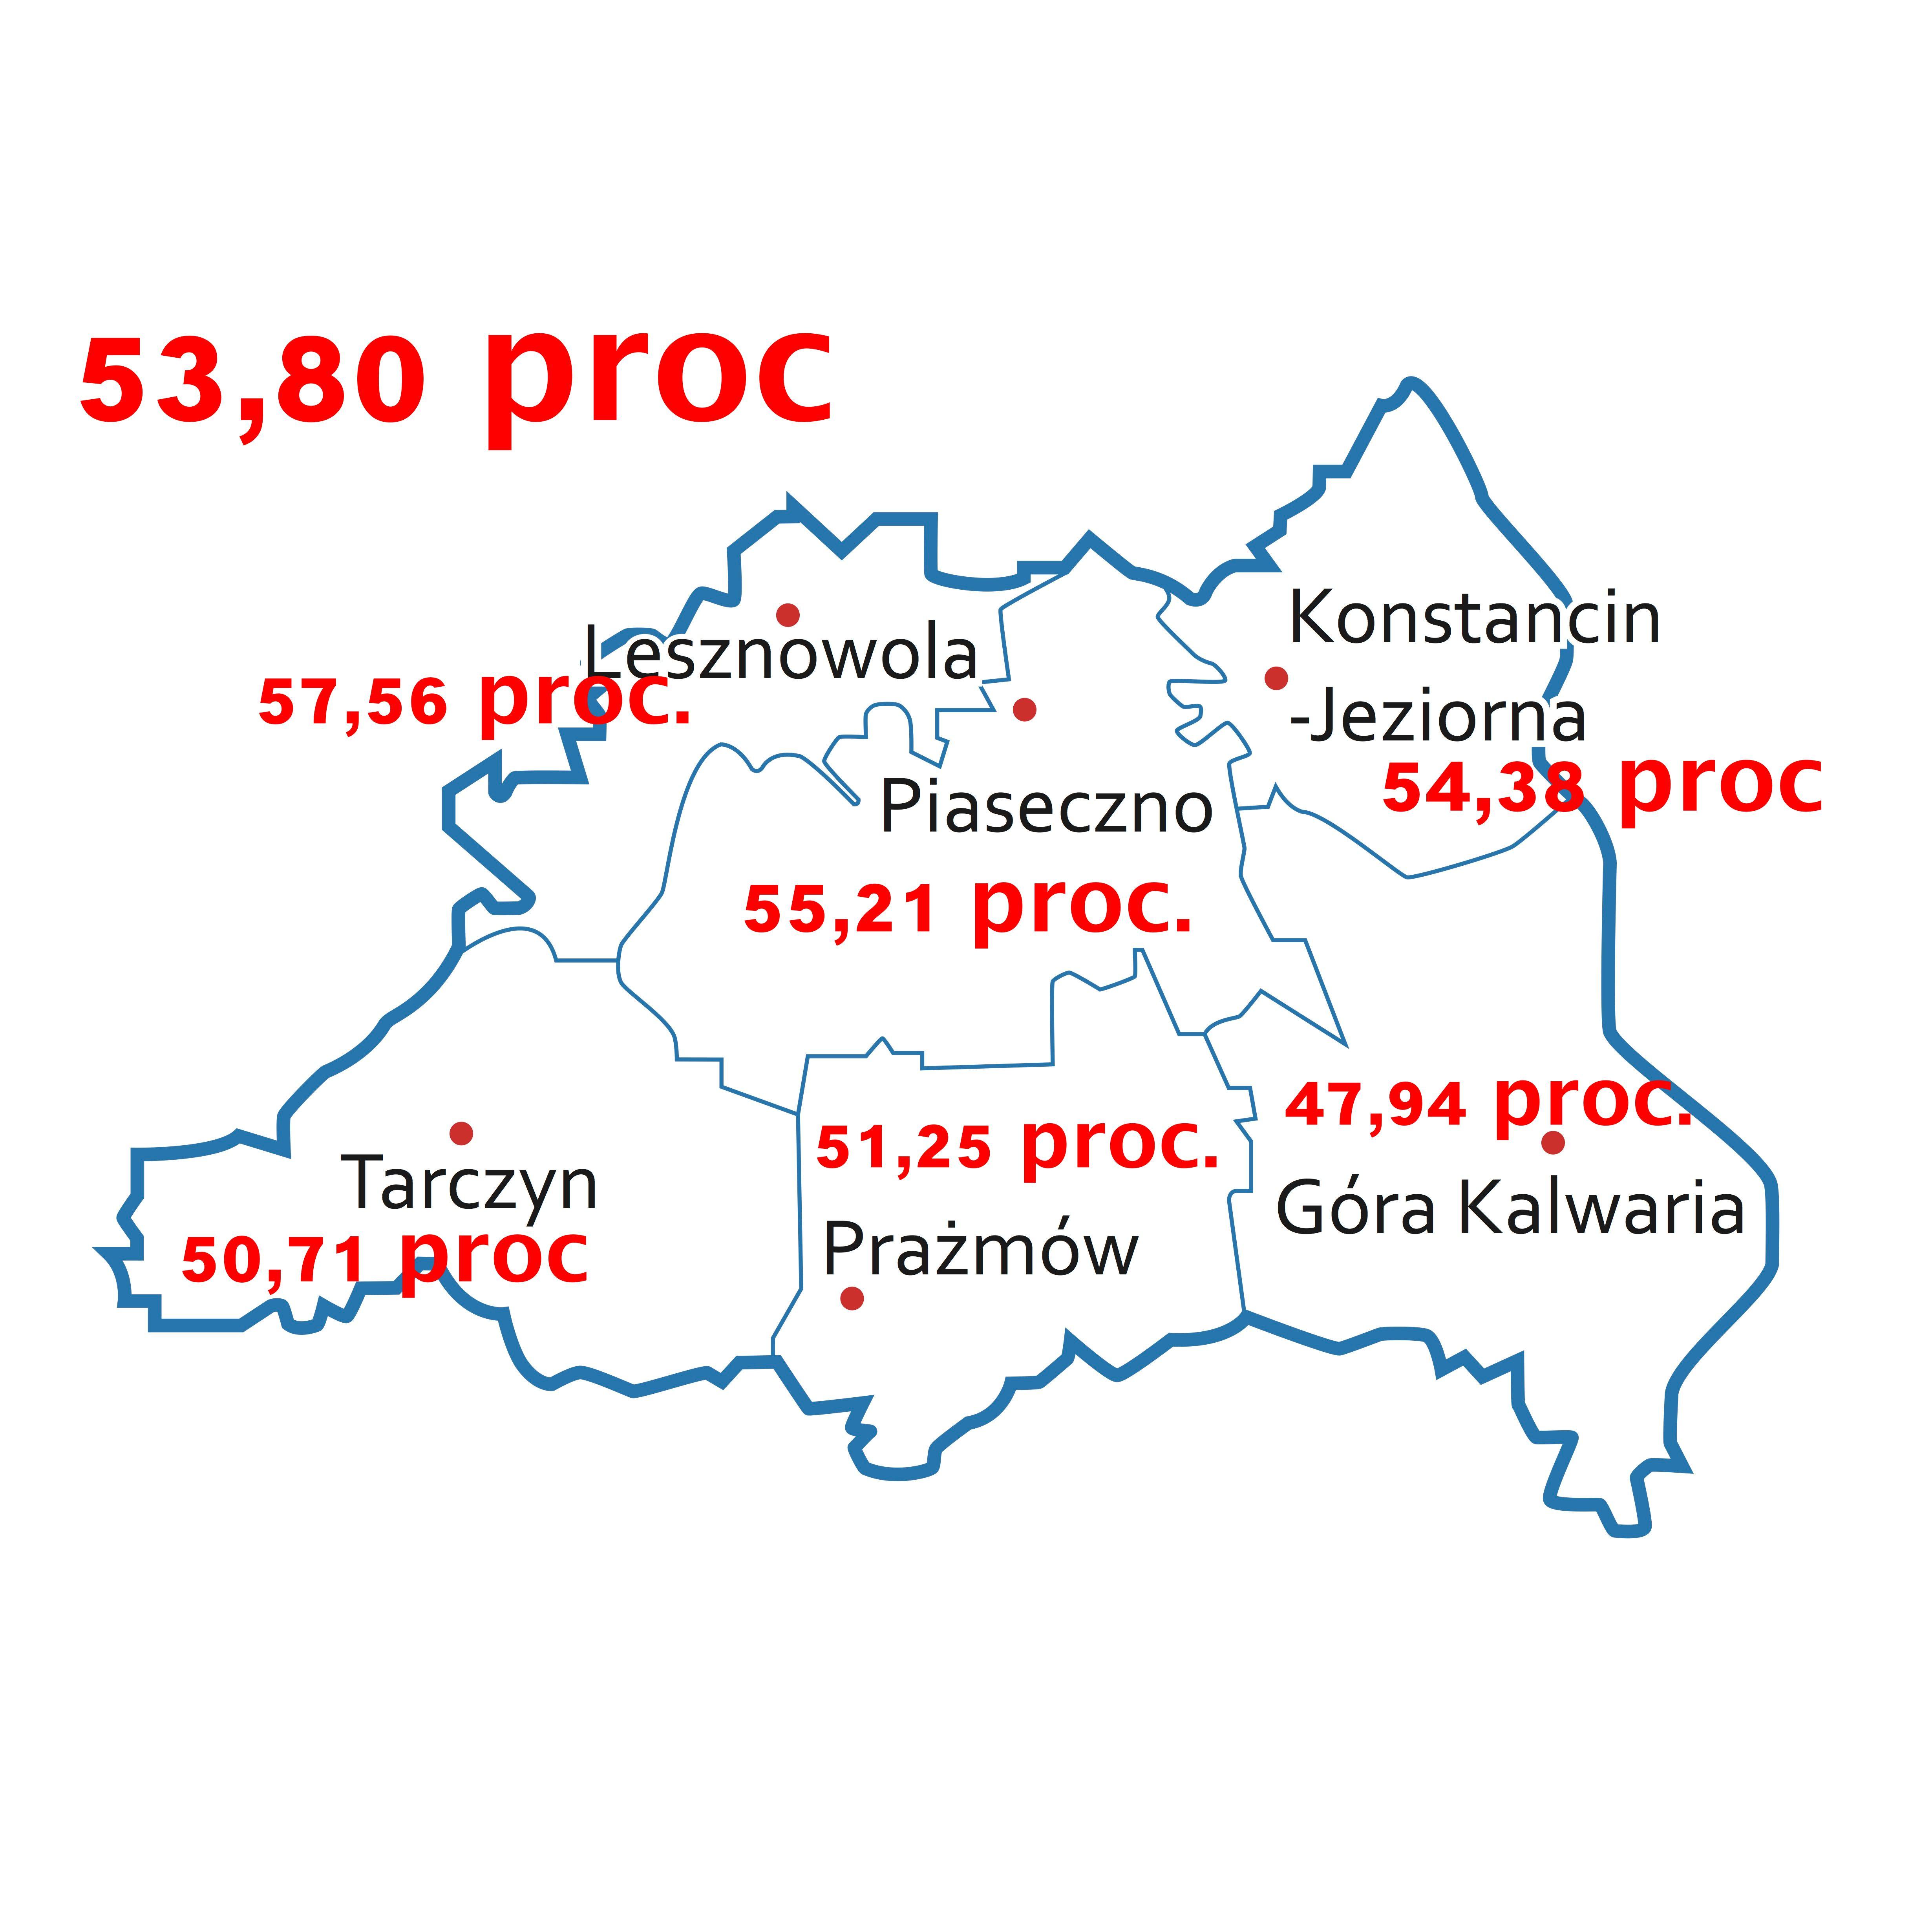 Frekwencja w powiecie piaseczyńskim 72,79 proc. Najwyższa w Lesznowoli, najniższa w Górze Kalwarii [AKTUALIZACJA]